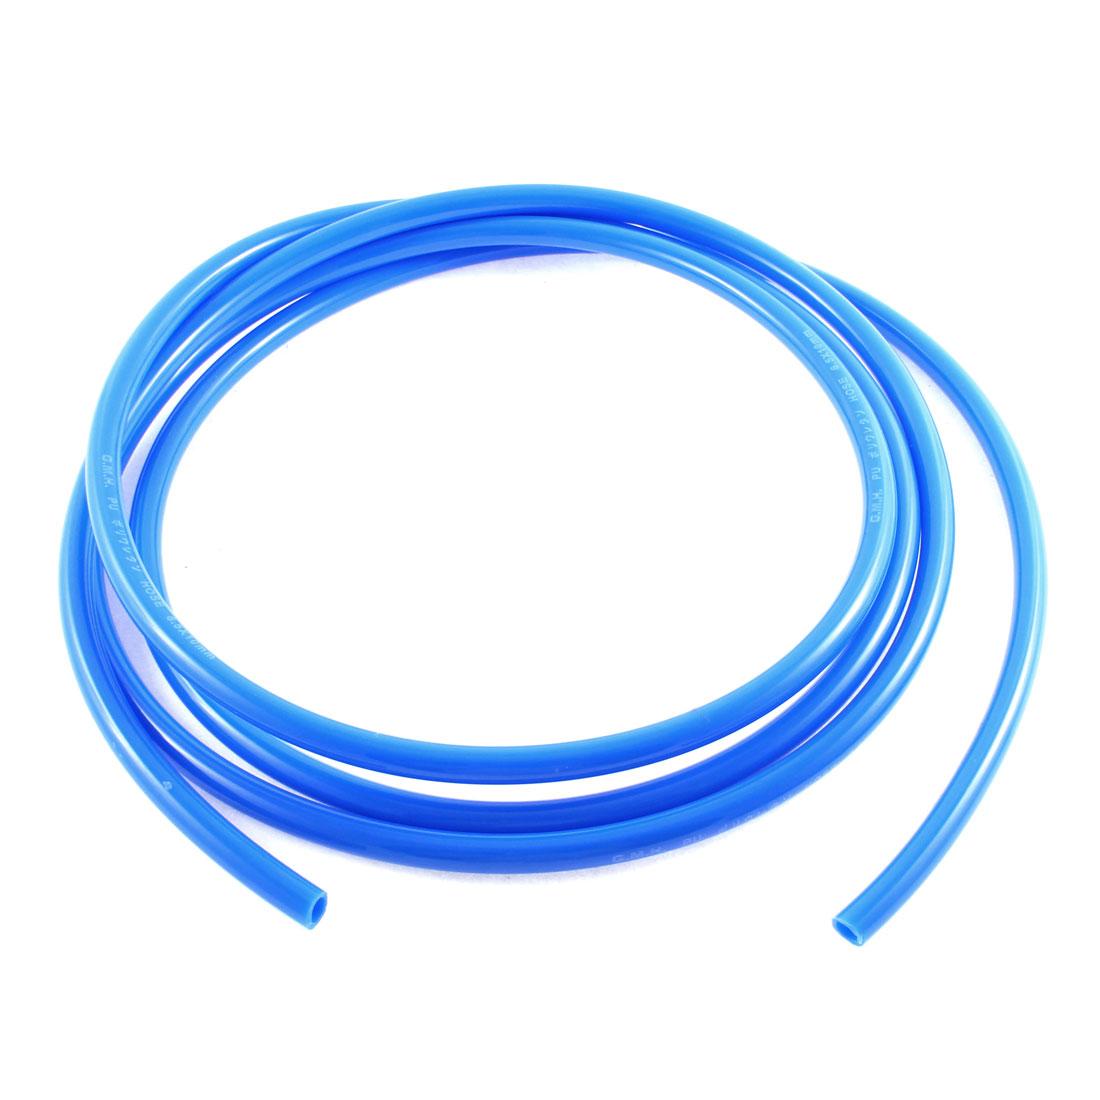 6.5mm Inner Dia 3Metres 10Ft Blue PU Air Line Tubing Aquarium Fishbowl Fish Tank Tube Pipe Hose